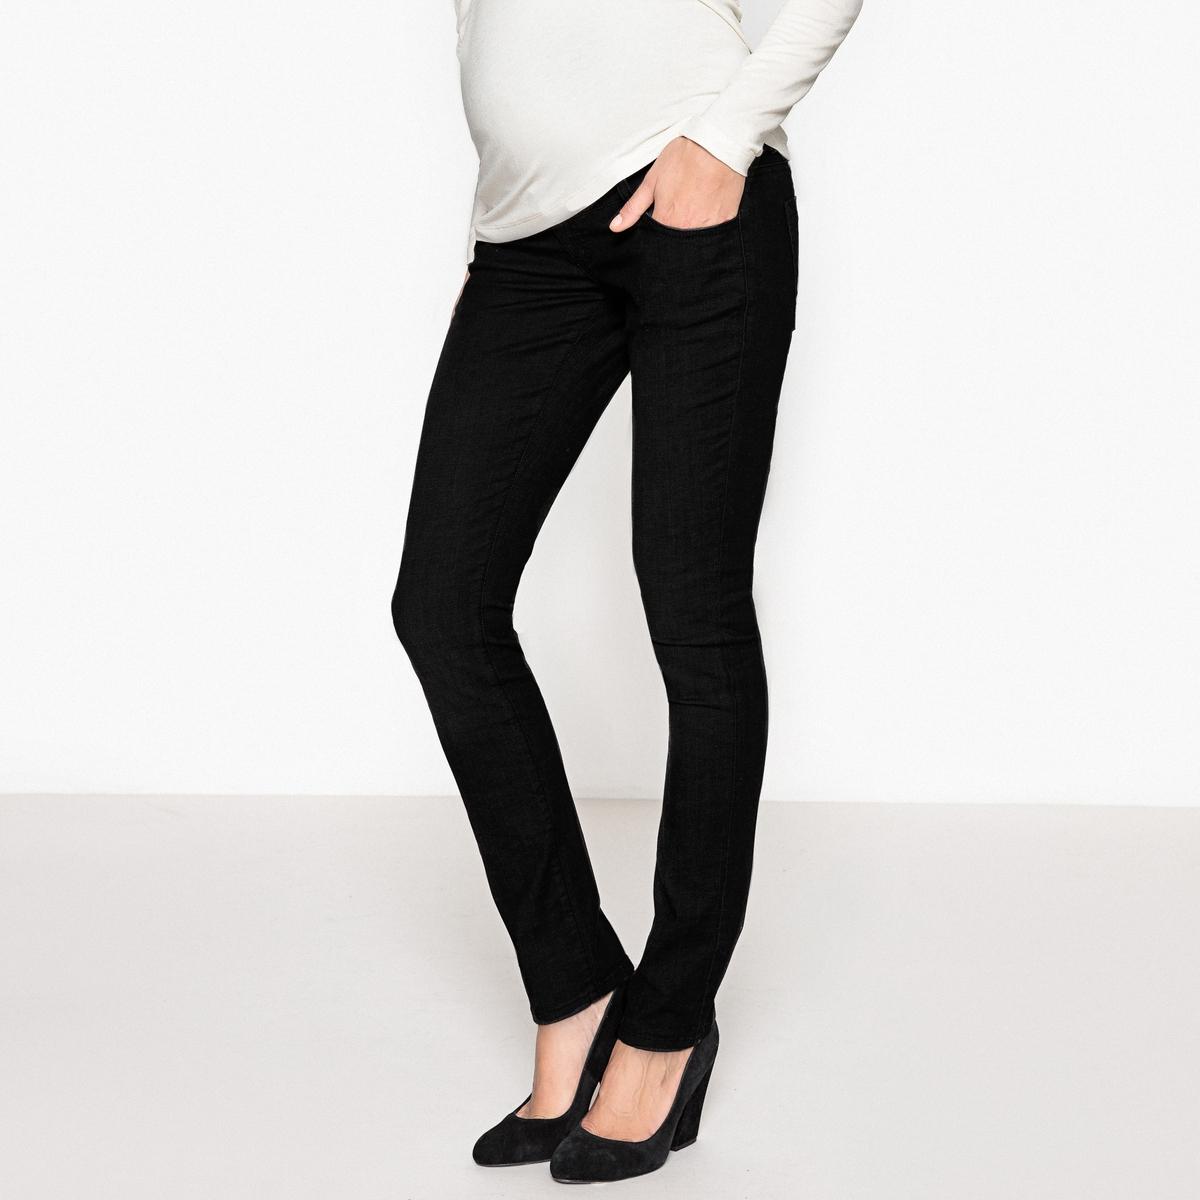 Брюки узкие для периода беременности